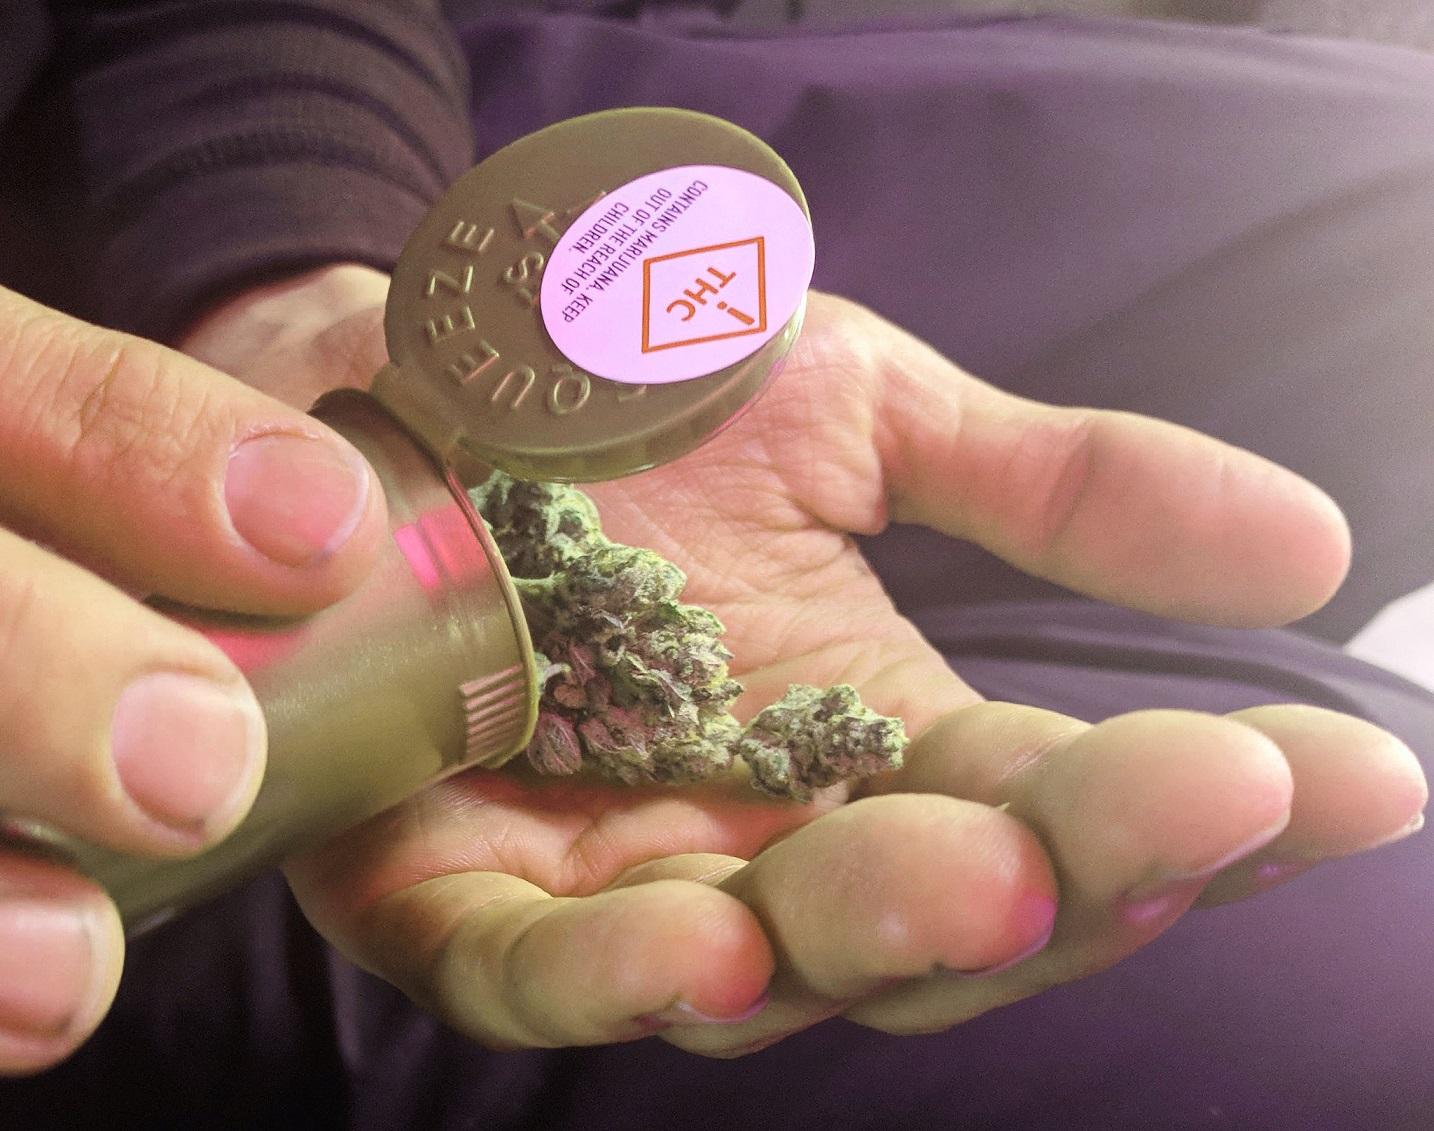 A lei obriga os produtores a indicar na embalagem as informações sobre o teor de THC (tetraidrocanabinol). Foto Wikimedia Commons